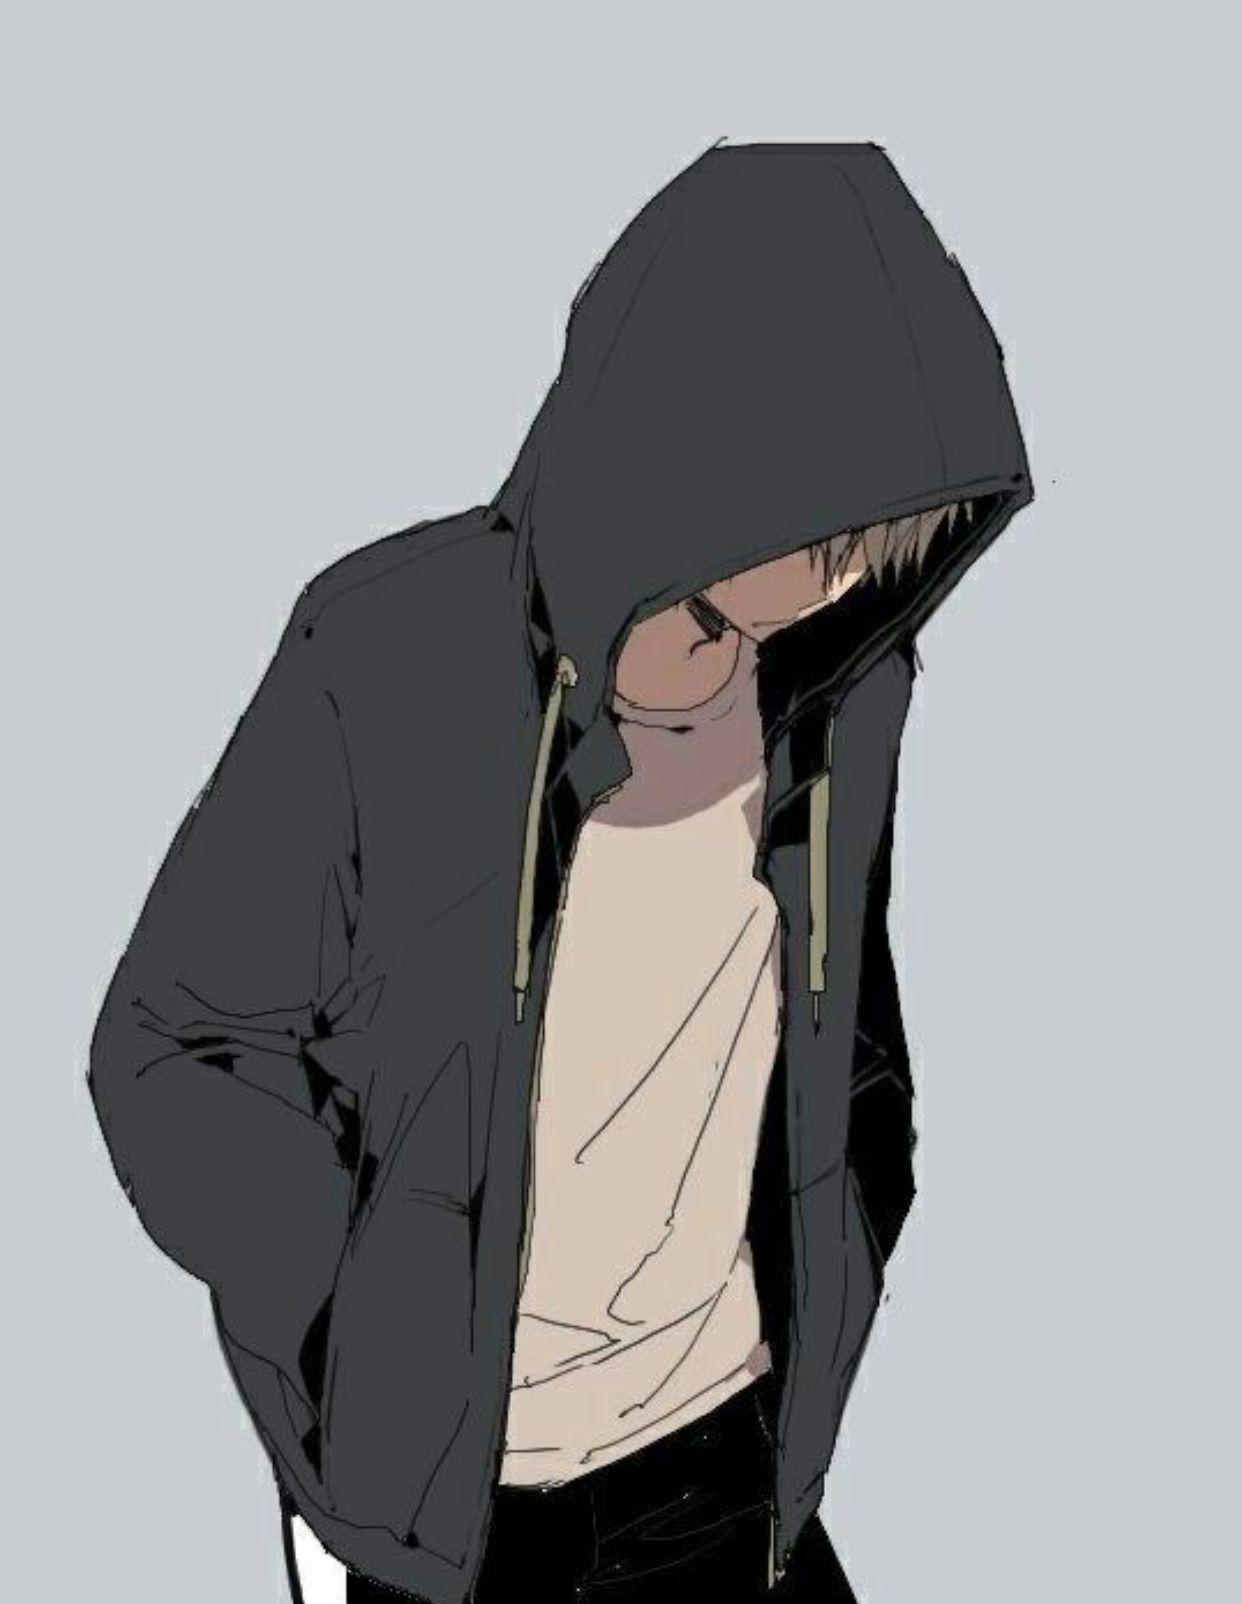 Hoodie Cute Gamer Anime Boy : hoodie, gamer, anime, Hooded, Anime, Wallpapers, Wallpaper